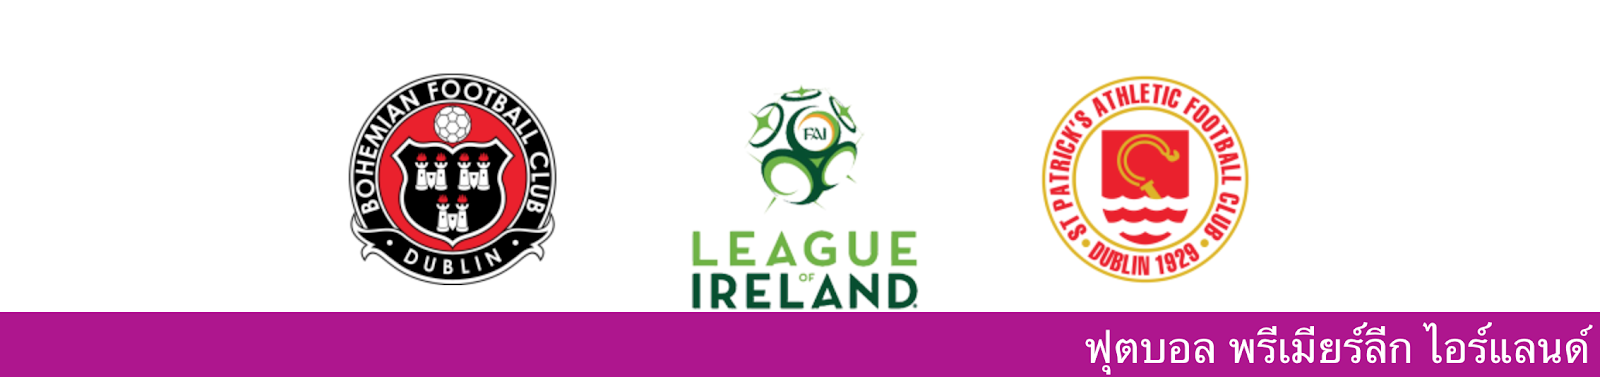 ผลบอล วิเคราะห์บอล ไอร์แลนด์ พรีเมียร์ลีก ระหว่าง โบฮีเมียนส์ vs เซนต์ แพทริค